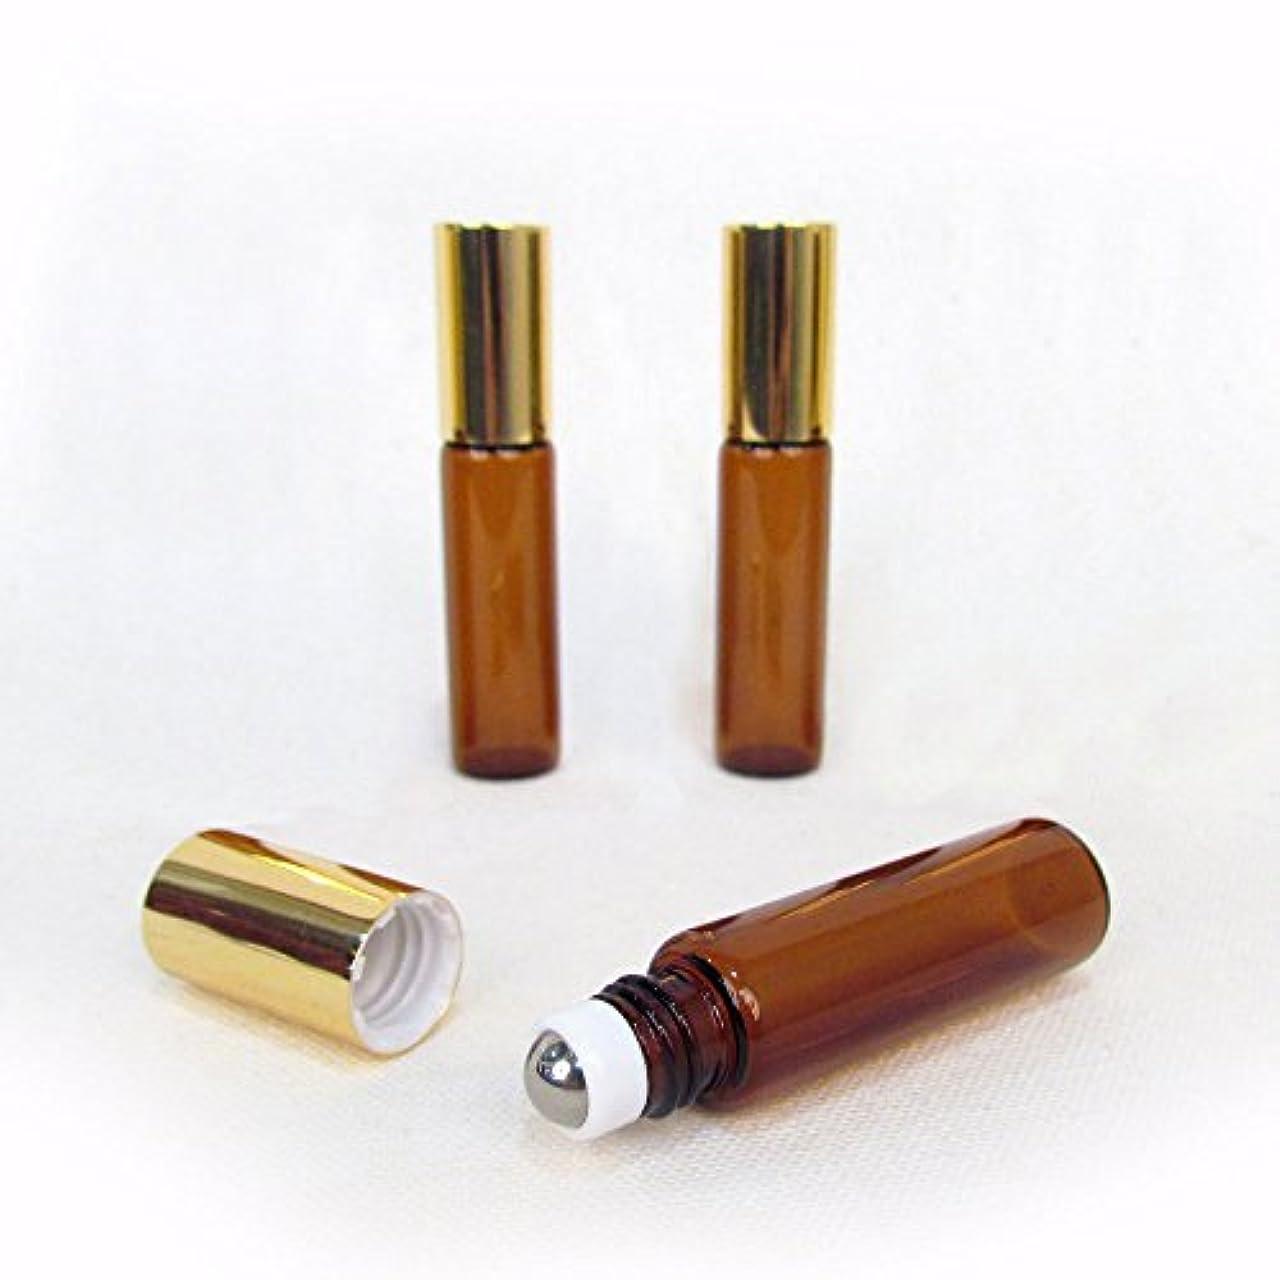 かるプログラムジャズSet of 3-5ml Brown Amber Glass Roll On Bottle With Stainless Steel Ball for Essential Oils by Rivertree Life [...